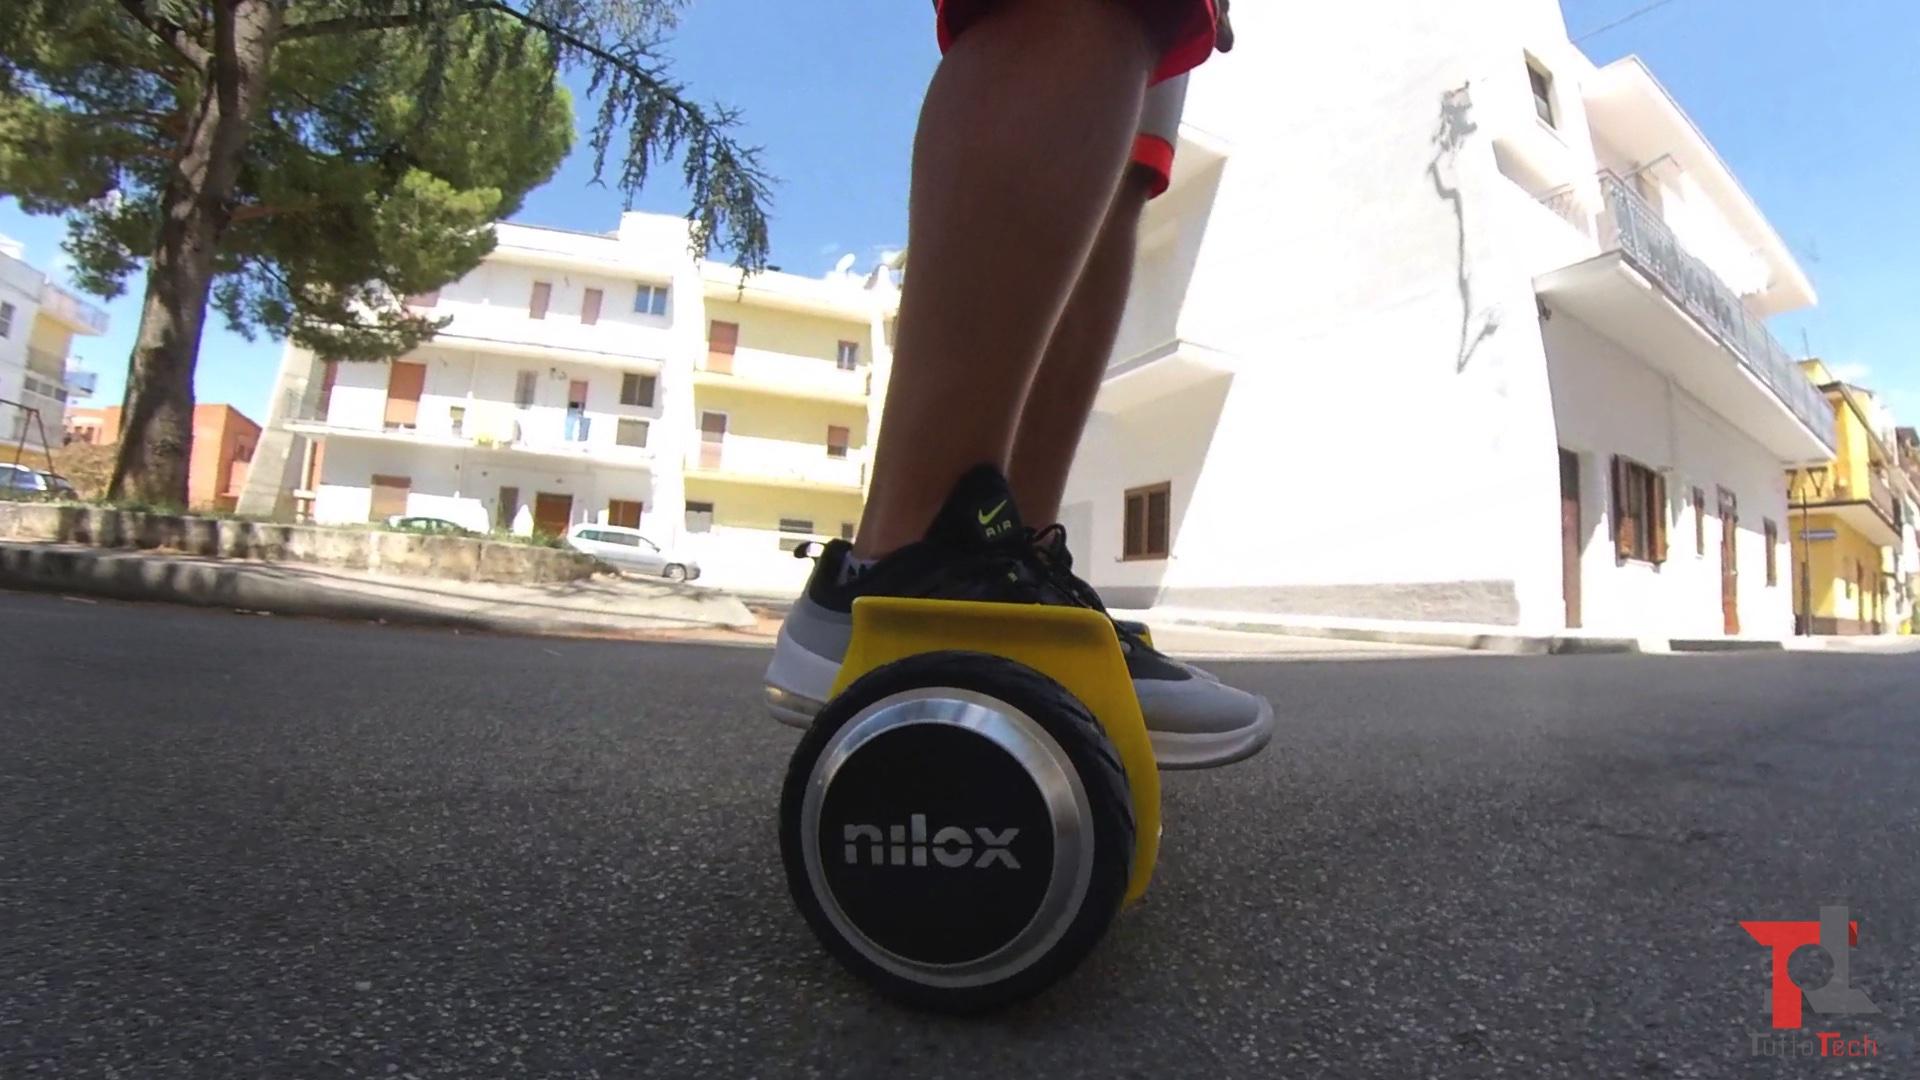 Recensione Nilox Doc 2: un divertente (hoverboard) giocattolo 2